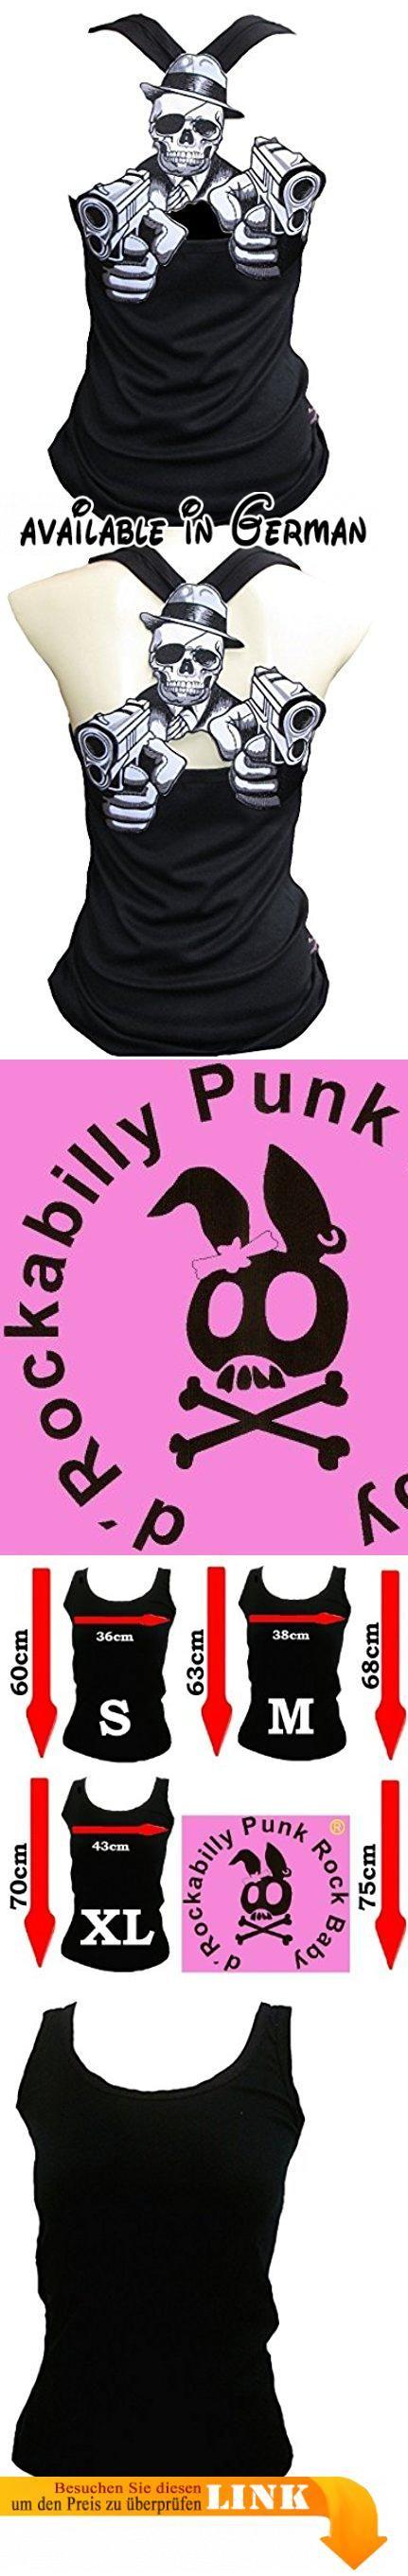 Rockabilly Punk Rock Baby Damen Schwarz Tank Top Shirt Crime Gun Skull XXL. Hochwertiges Special Edition Tank Top. Stretch Baumwolle High Quality. 100% Baumwolle - Patch Applikation 100% Polyester. eXtrem Seltenes Desinger Teil. Patch Applikation kann hinten - und vorne Korsett look mit BH - getragen werden. #Apparel #SHIRT